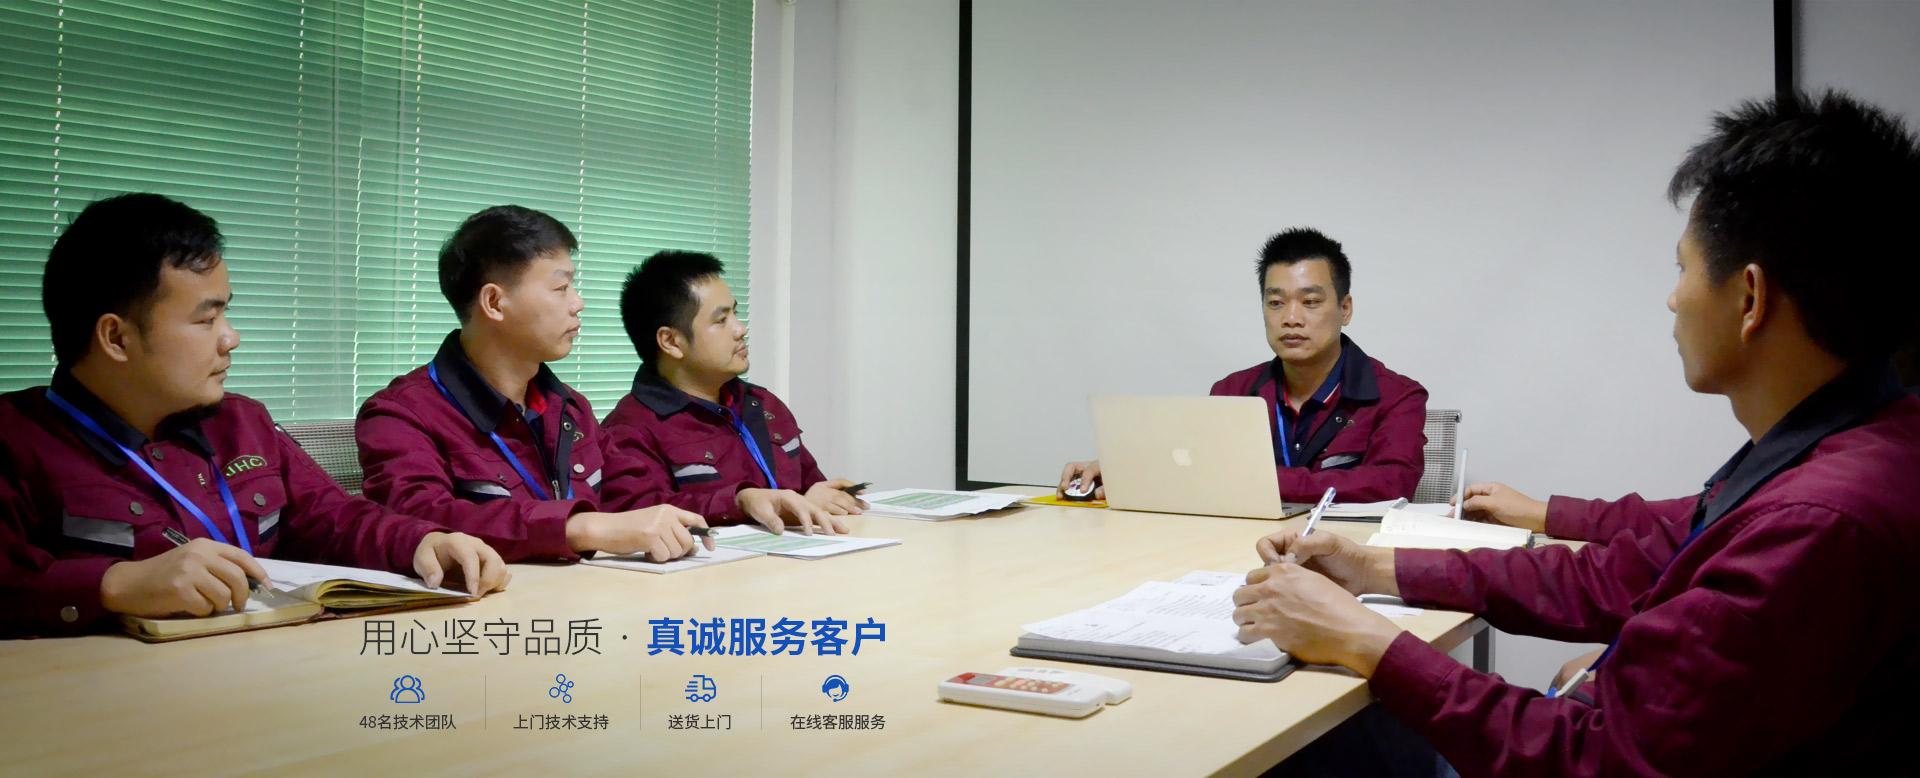 捷辉创-用心坚守品质,真诚服务客户